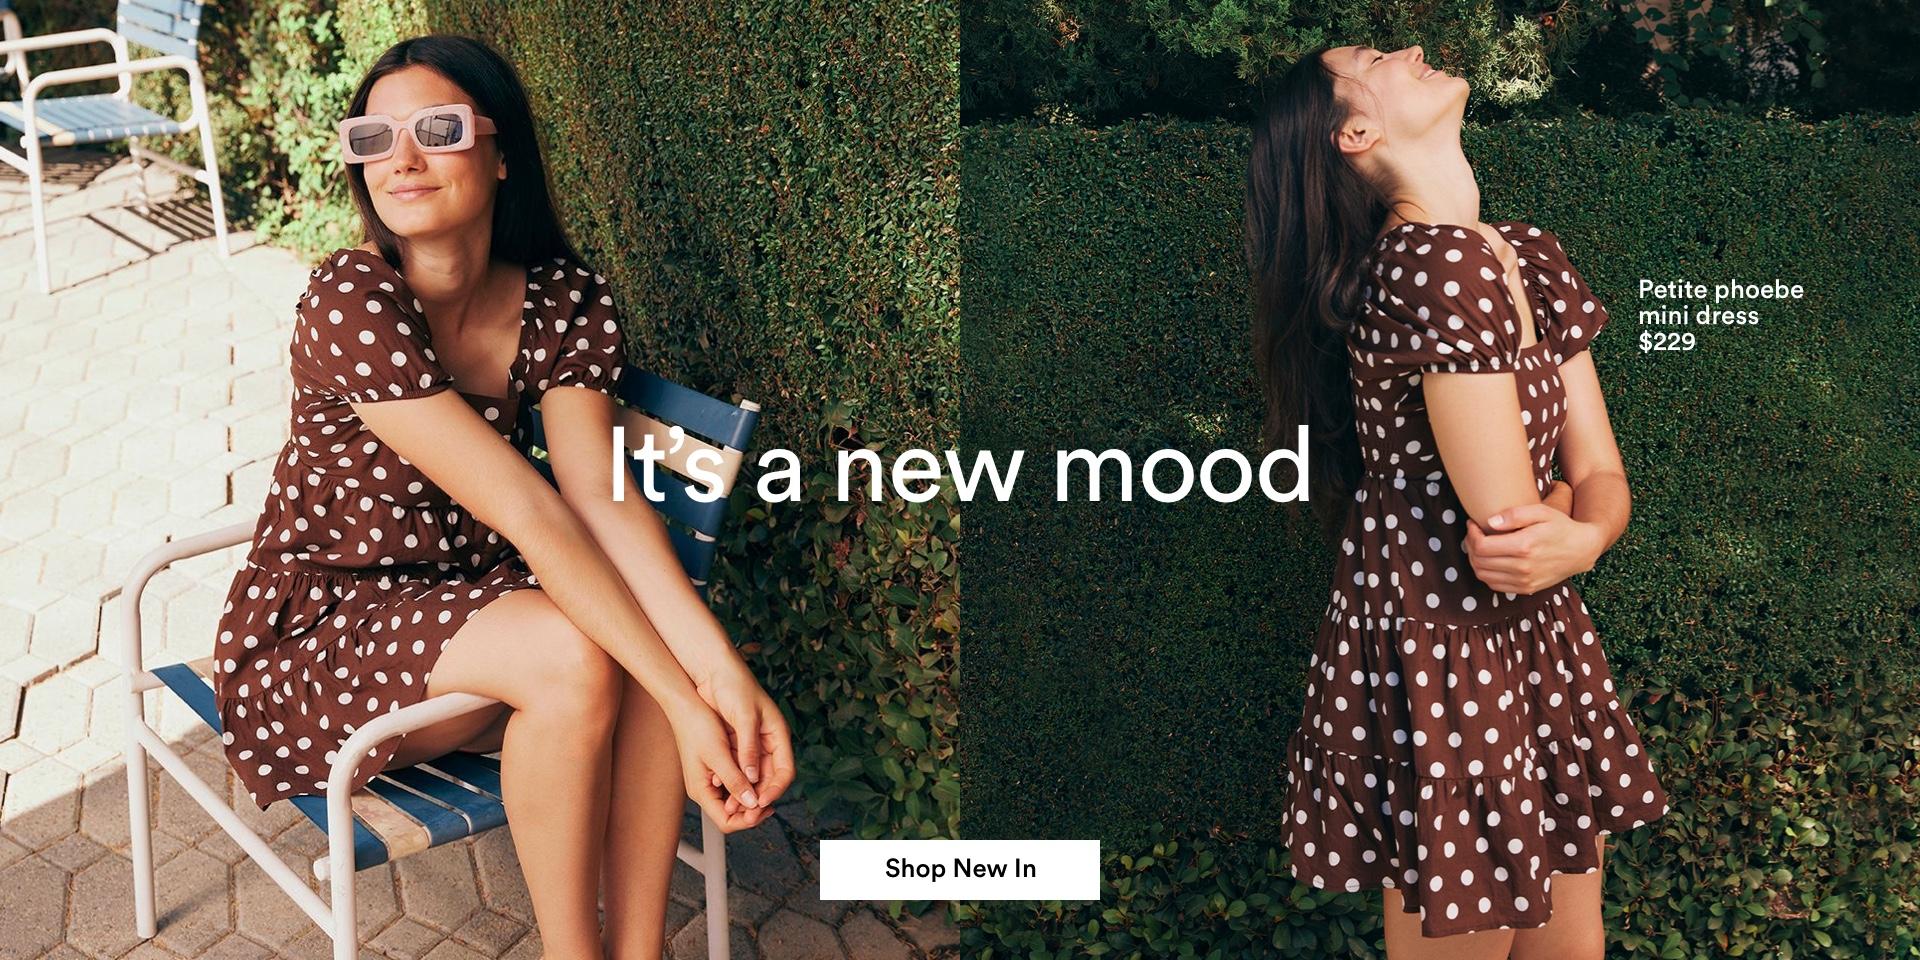 It's a new mood. Shop new arrivals.